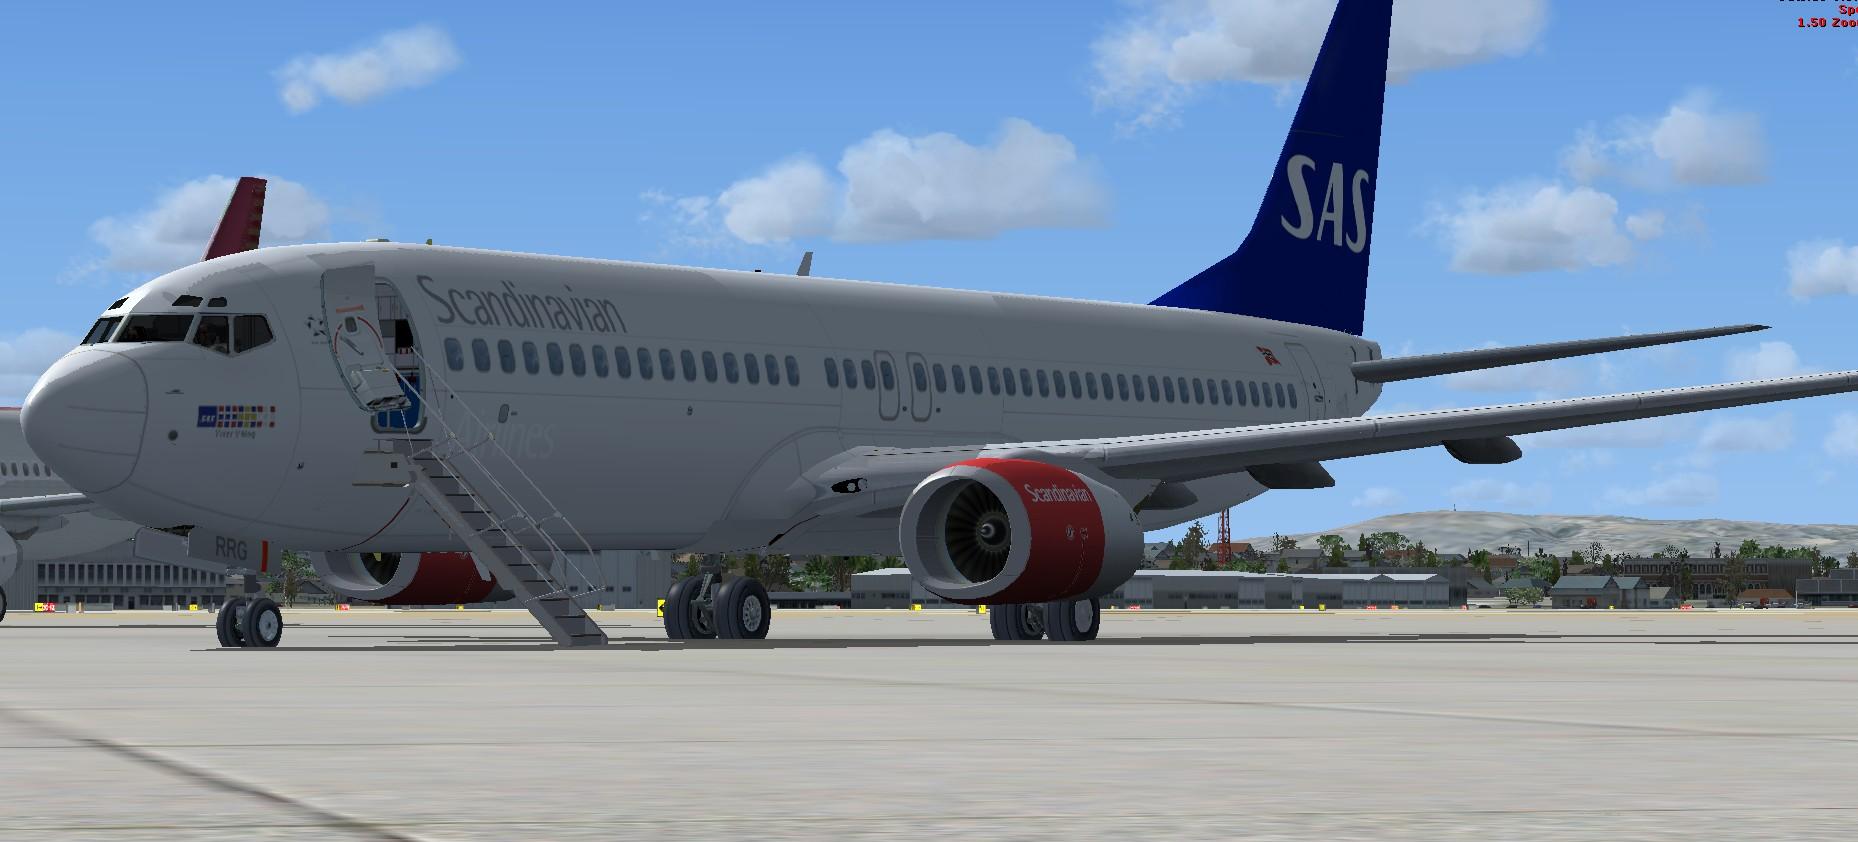 Fsx 737 800